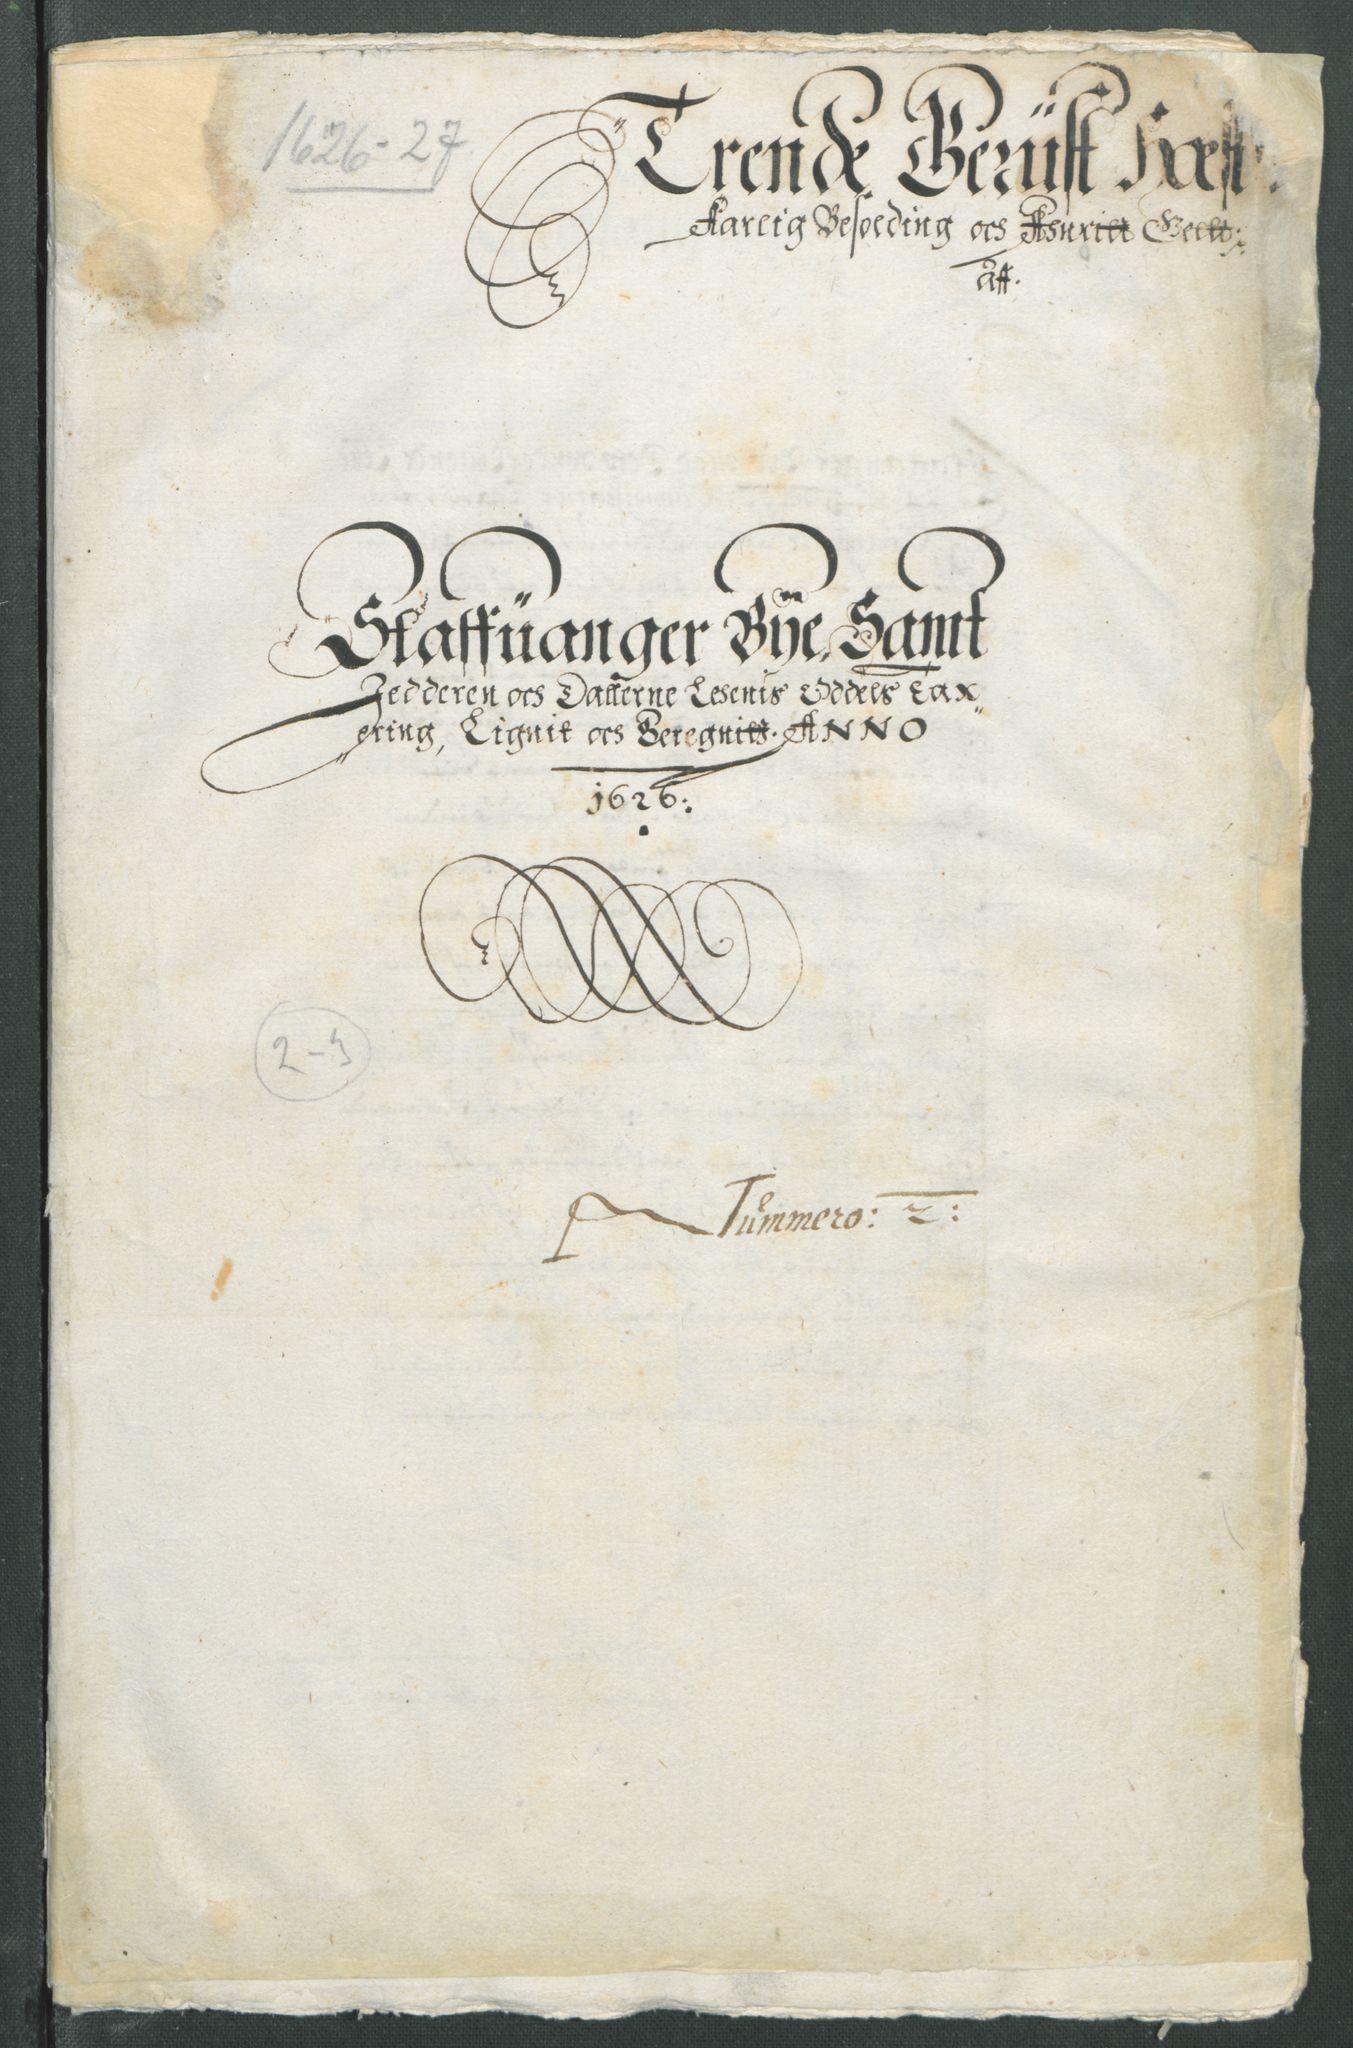 RA, Stattholderembetet 1572-1771, Ek/L0010: Jordebøker til utlikning av rosstjeneste 1624-1626:, 1624-1626, s. 95